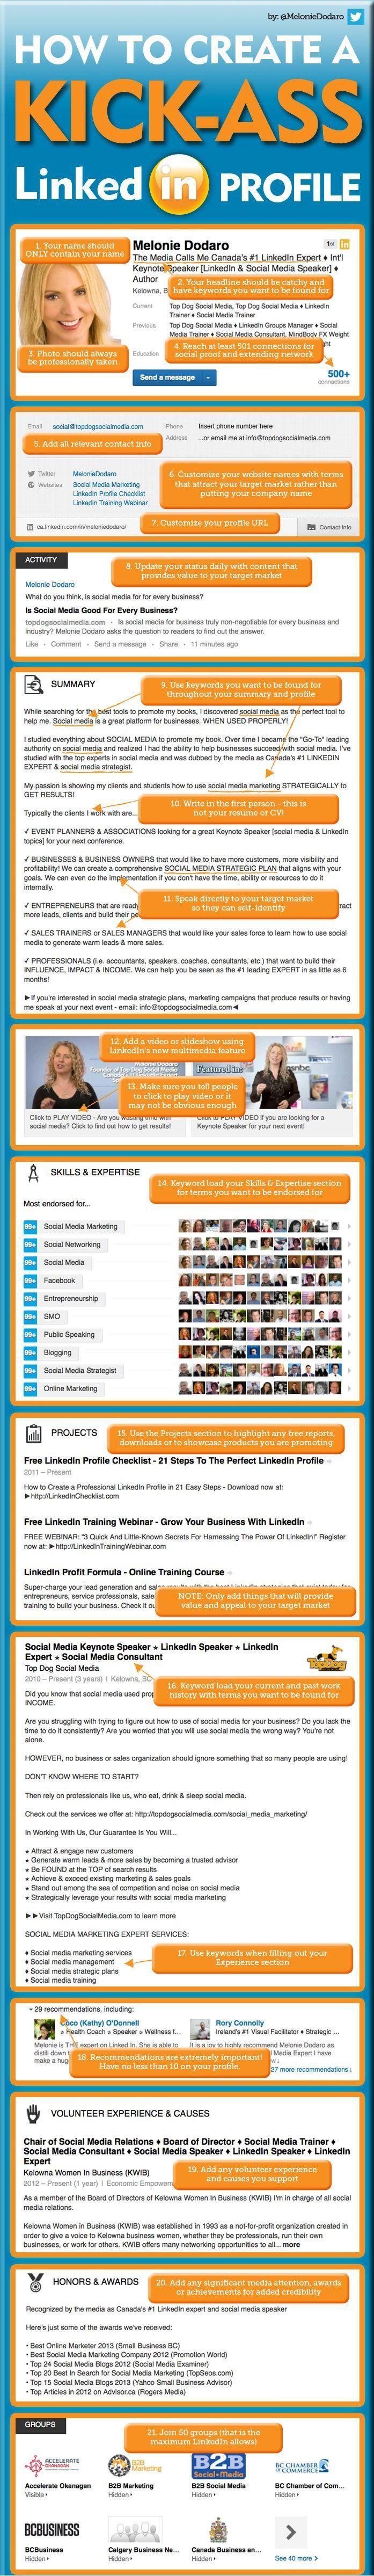 59 besten LinkedIn Tips Bilder auf Pinterest | Soziale medien ...